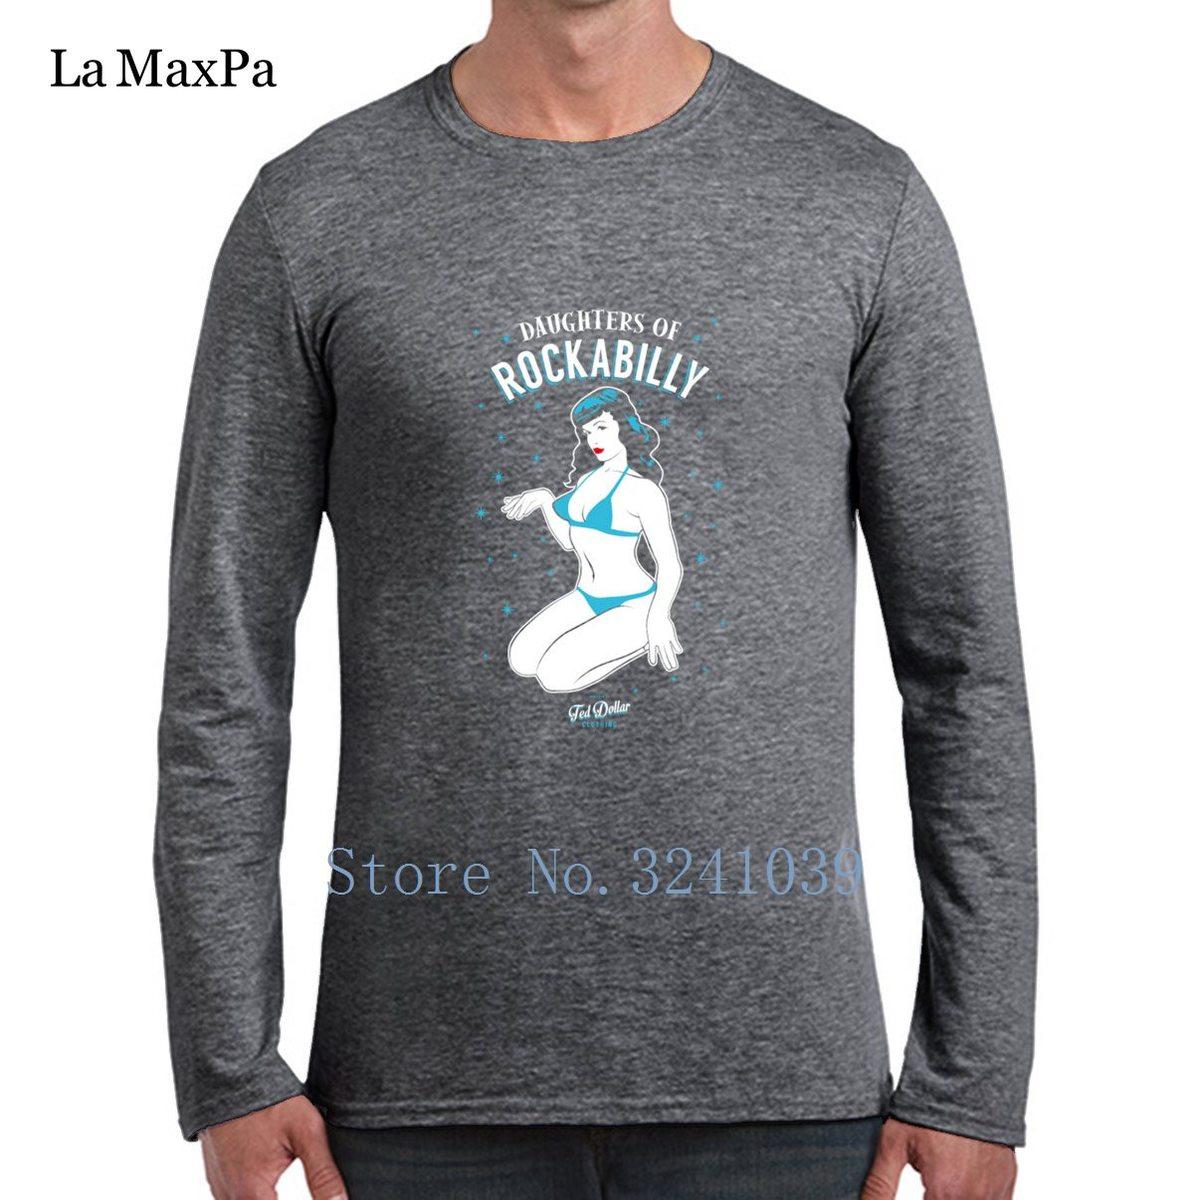 Filles de base de Rockabilly Tee Shirts pour hommes Cool Graphic Hommes T-Shirt Printemps manches longues S-3xl Unisexe T Shirt